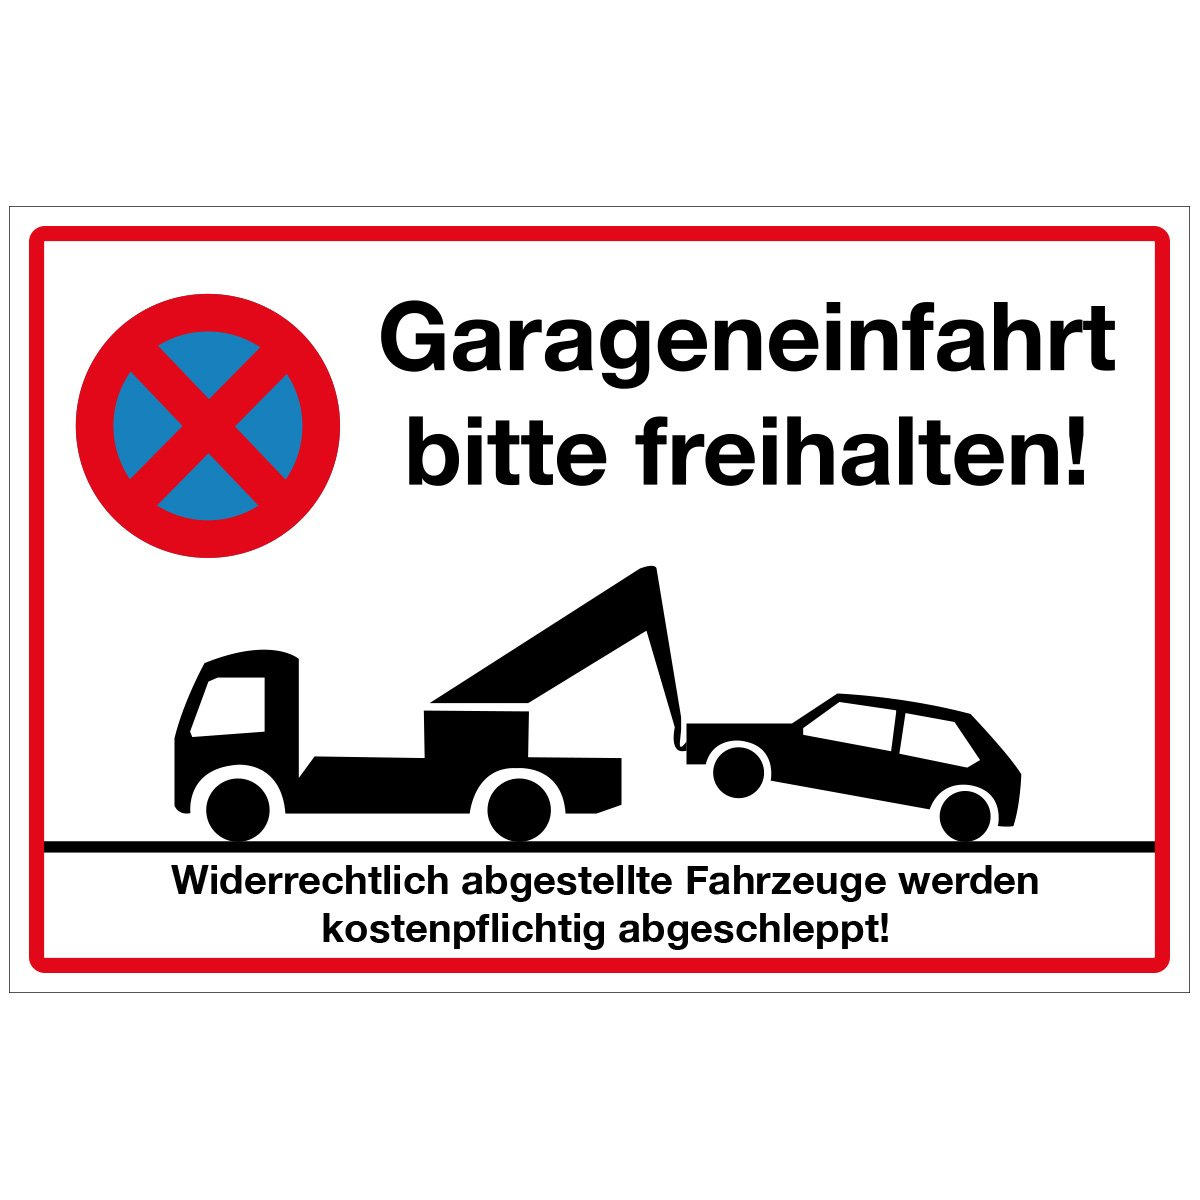 Wandkings Hinweisschild - Garageneinfahrt bitte freihalten! - stabile Aluminium Verbundplatte - Wä hle eine Grö ß e - 20x15 cm